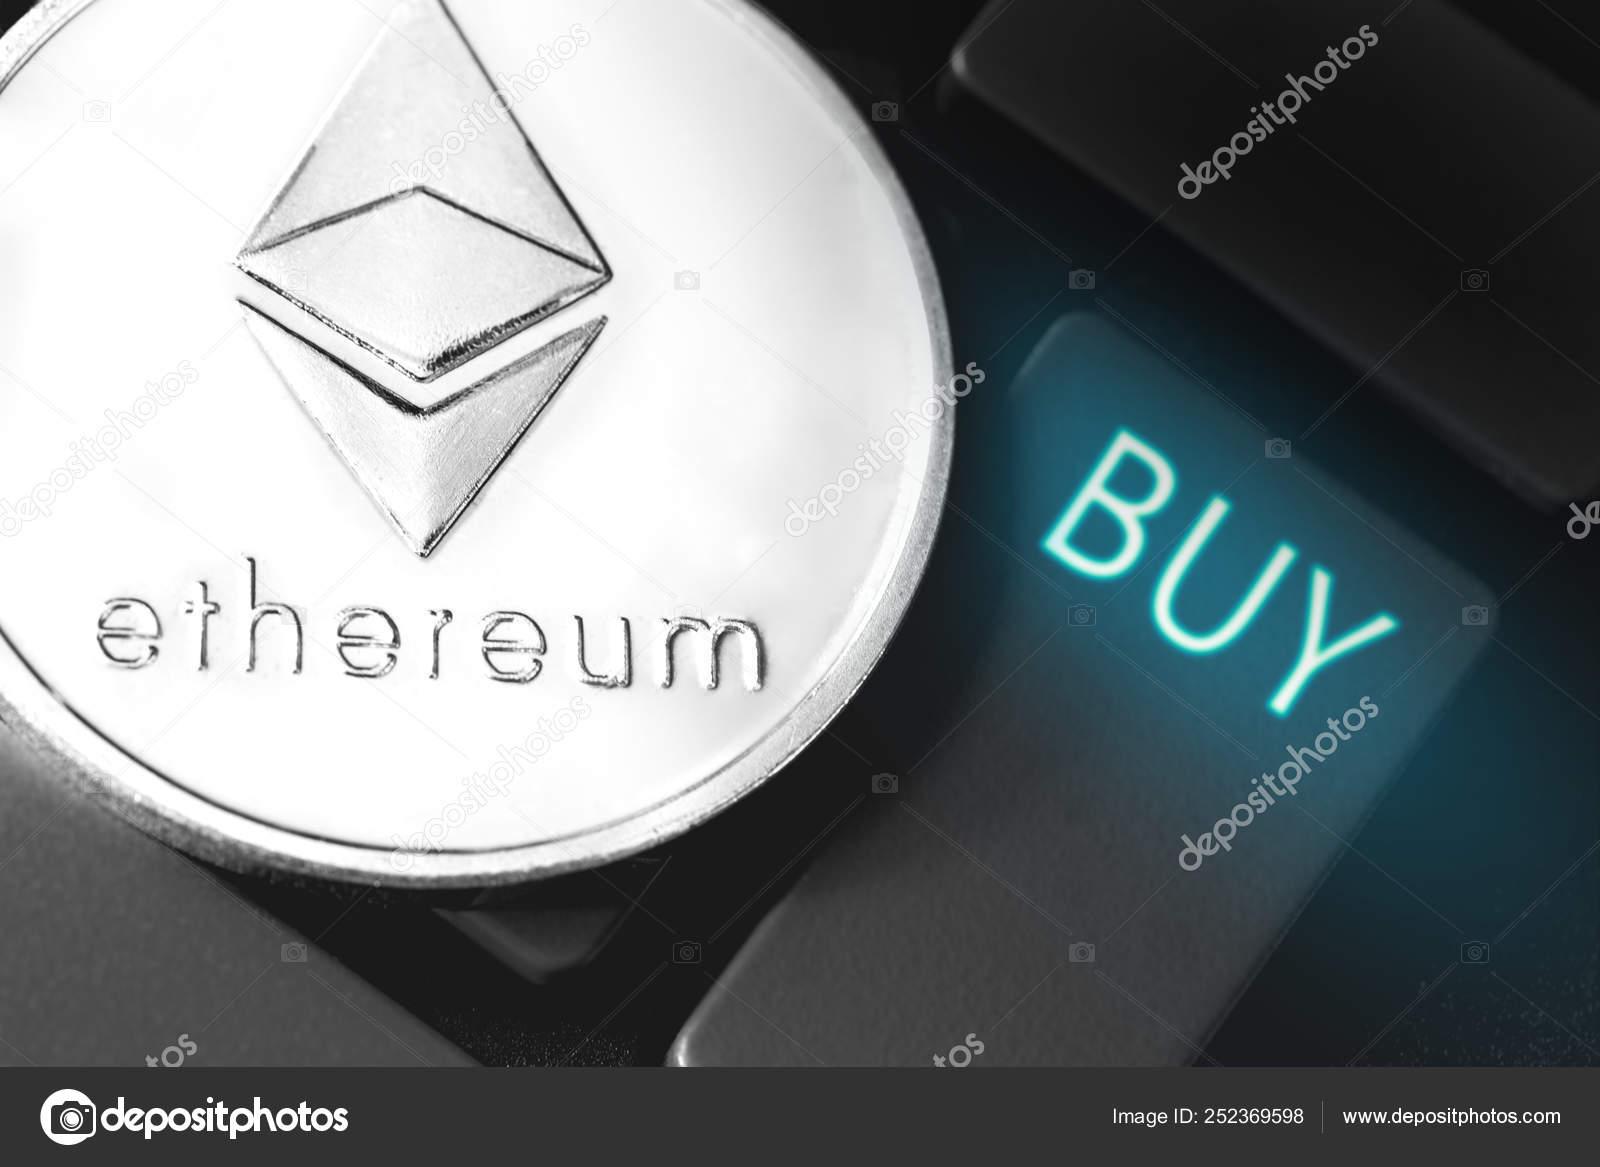 buy ethereum stock